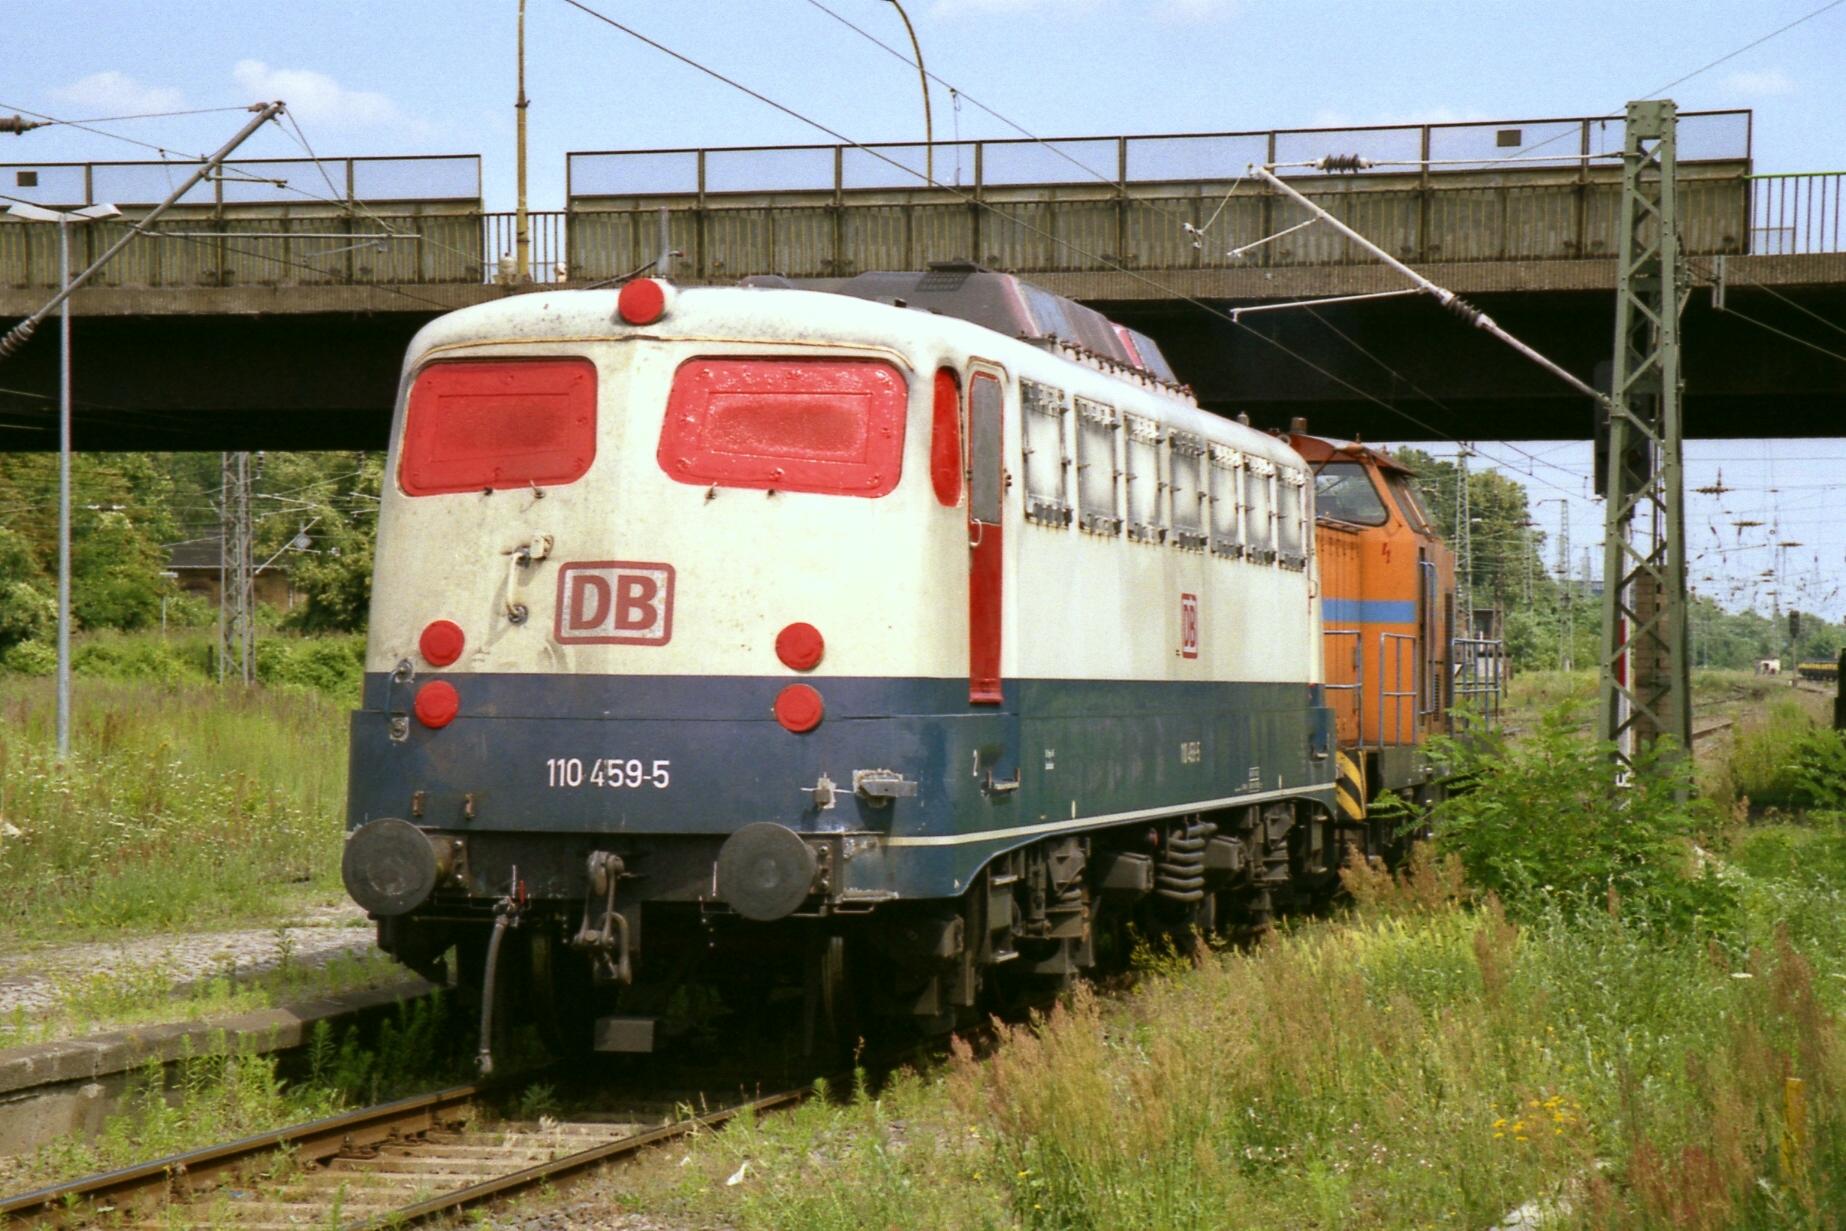 File:110 459 Dessau Hbf 23.07.01.jpg